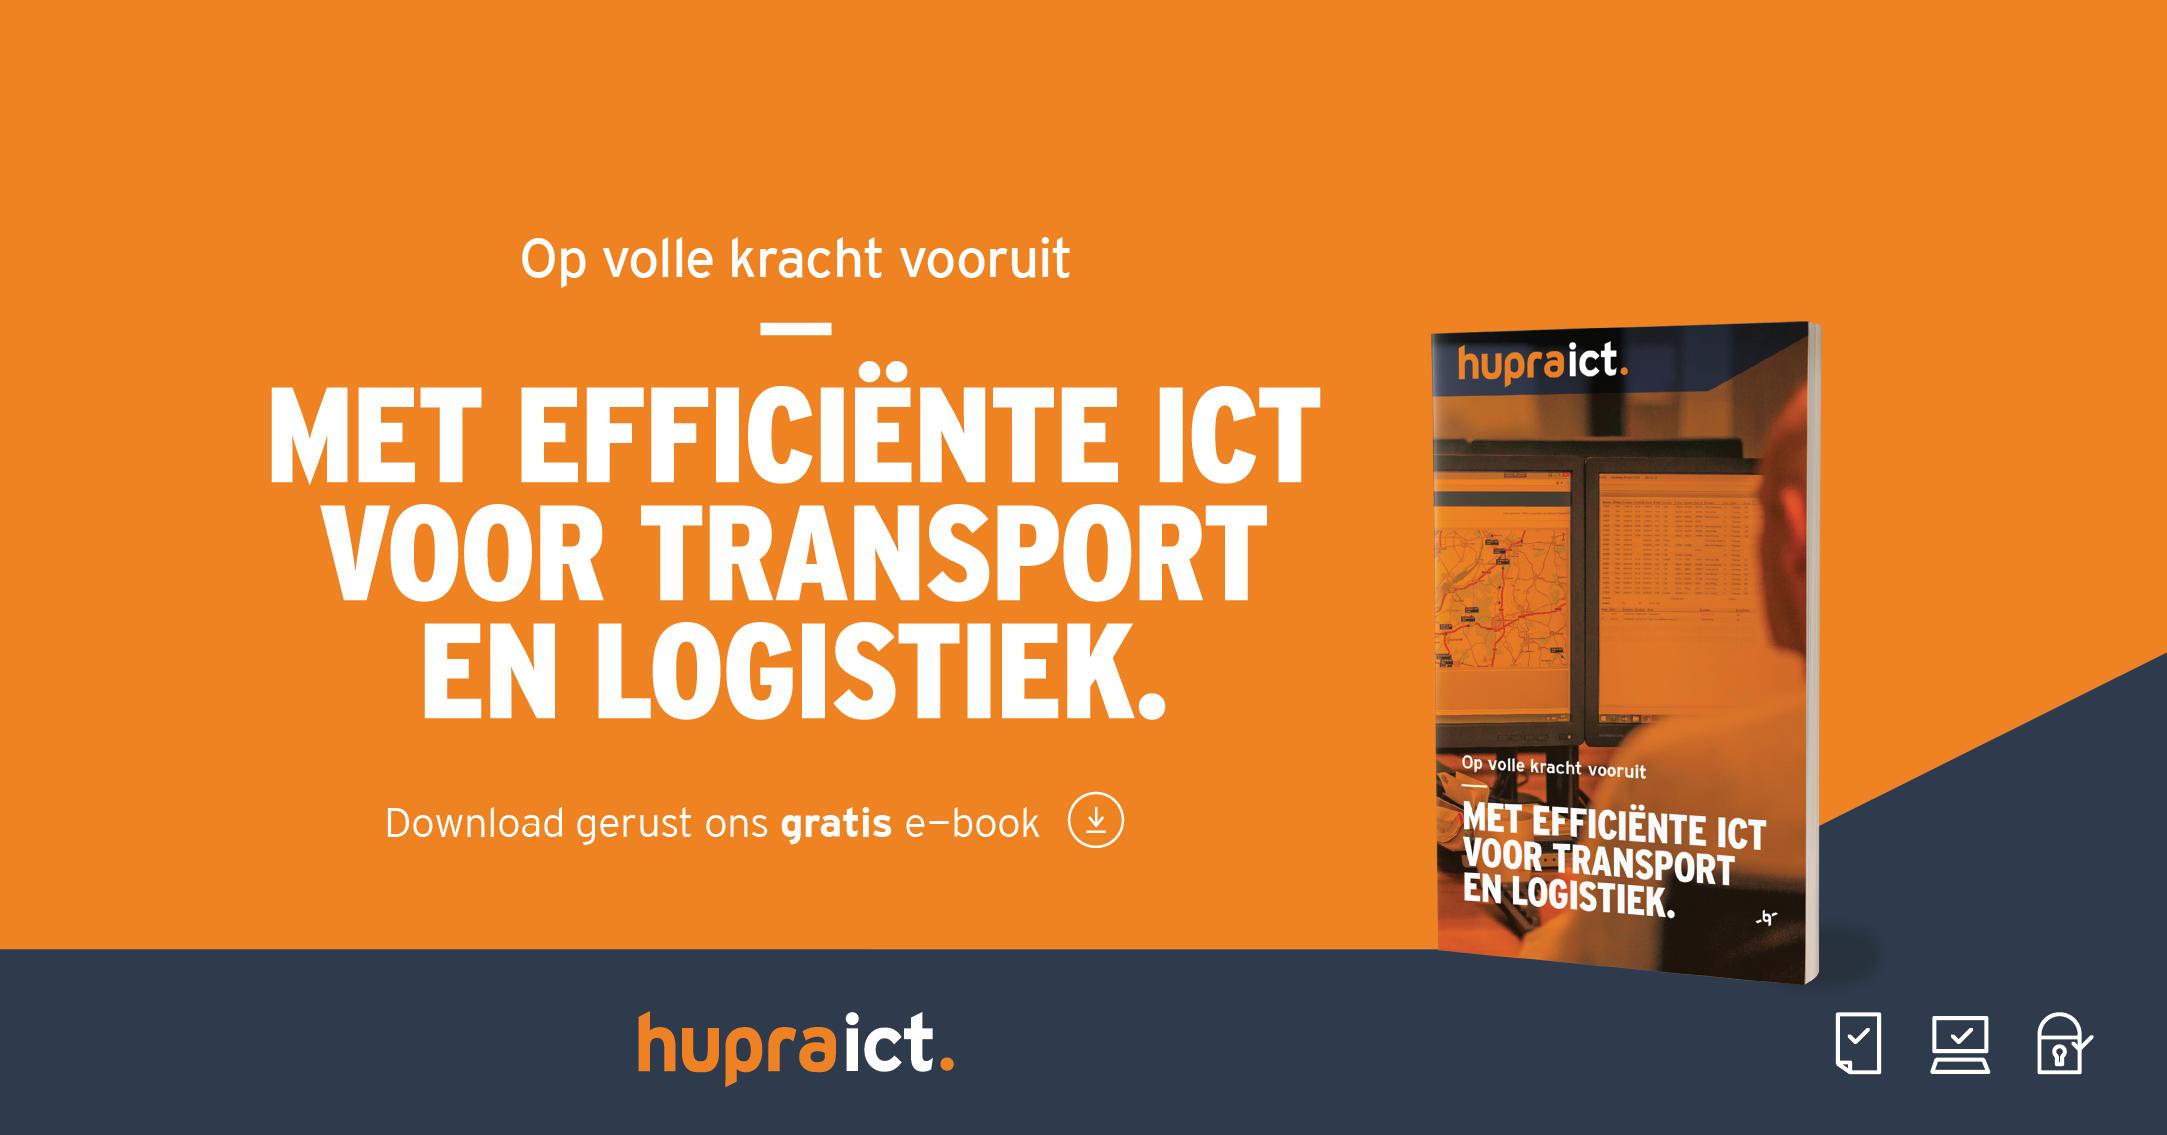 ict voor transport en logistiek